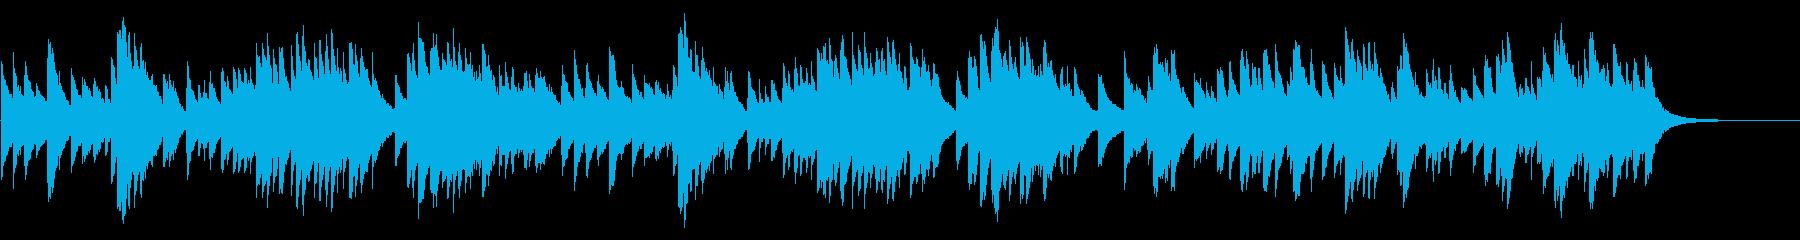 G線上のアリア 72弁オルゴールの再生済みの波形